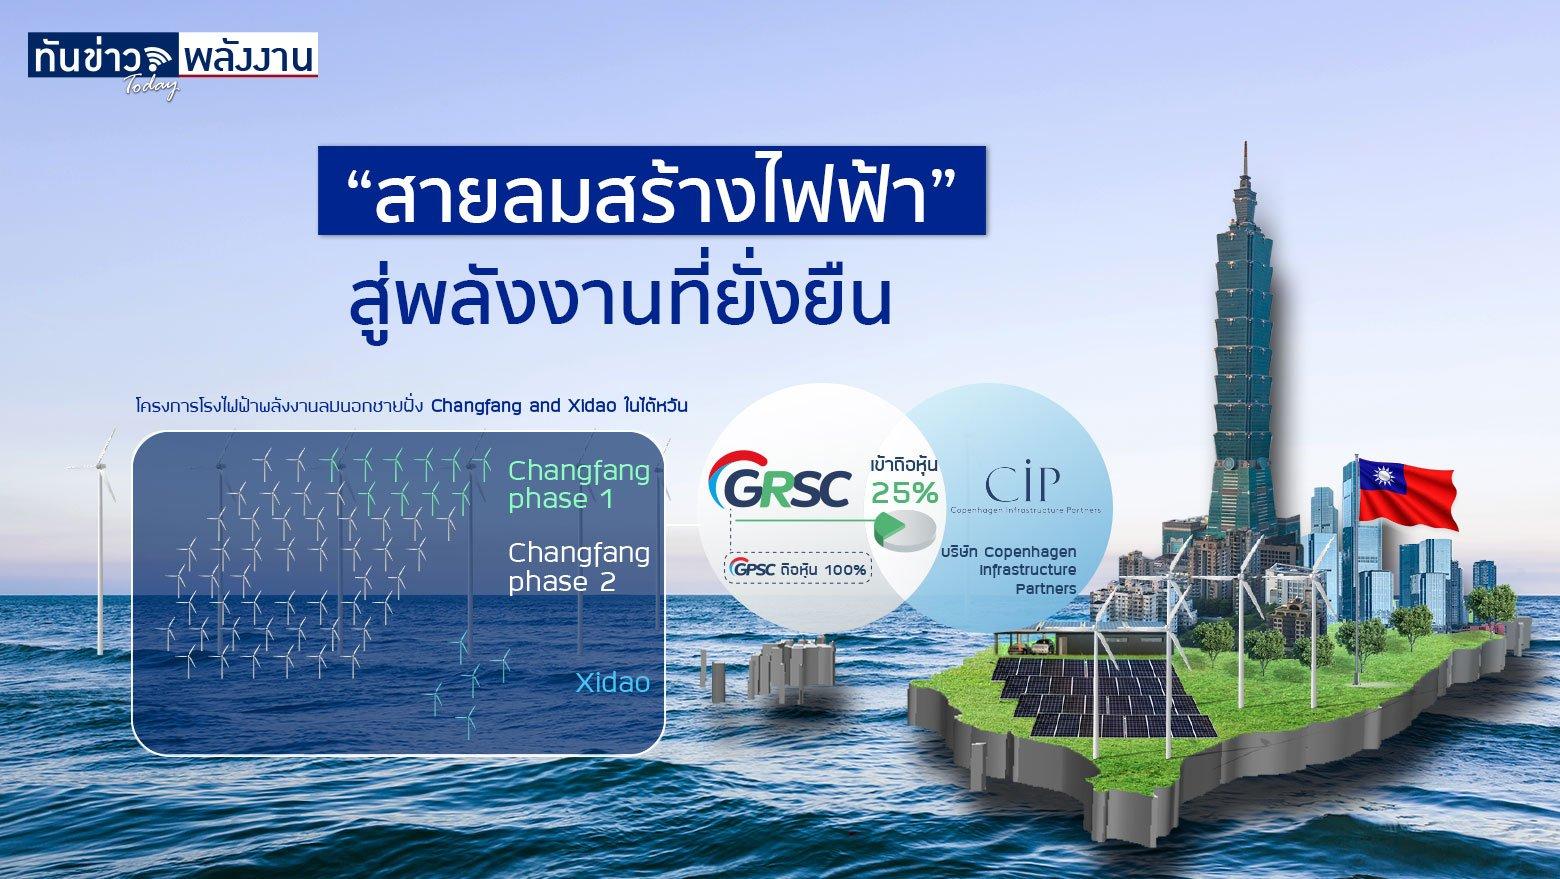 ทำไม GPSC เลือกลงทุนพลังงานไฟฟ้าจากลมที่ไต้หวัน ?